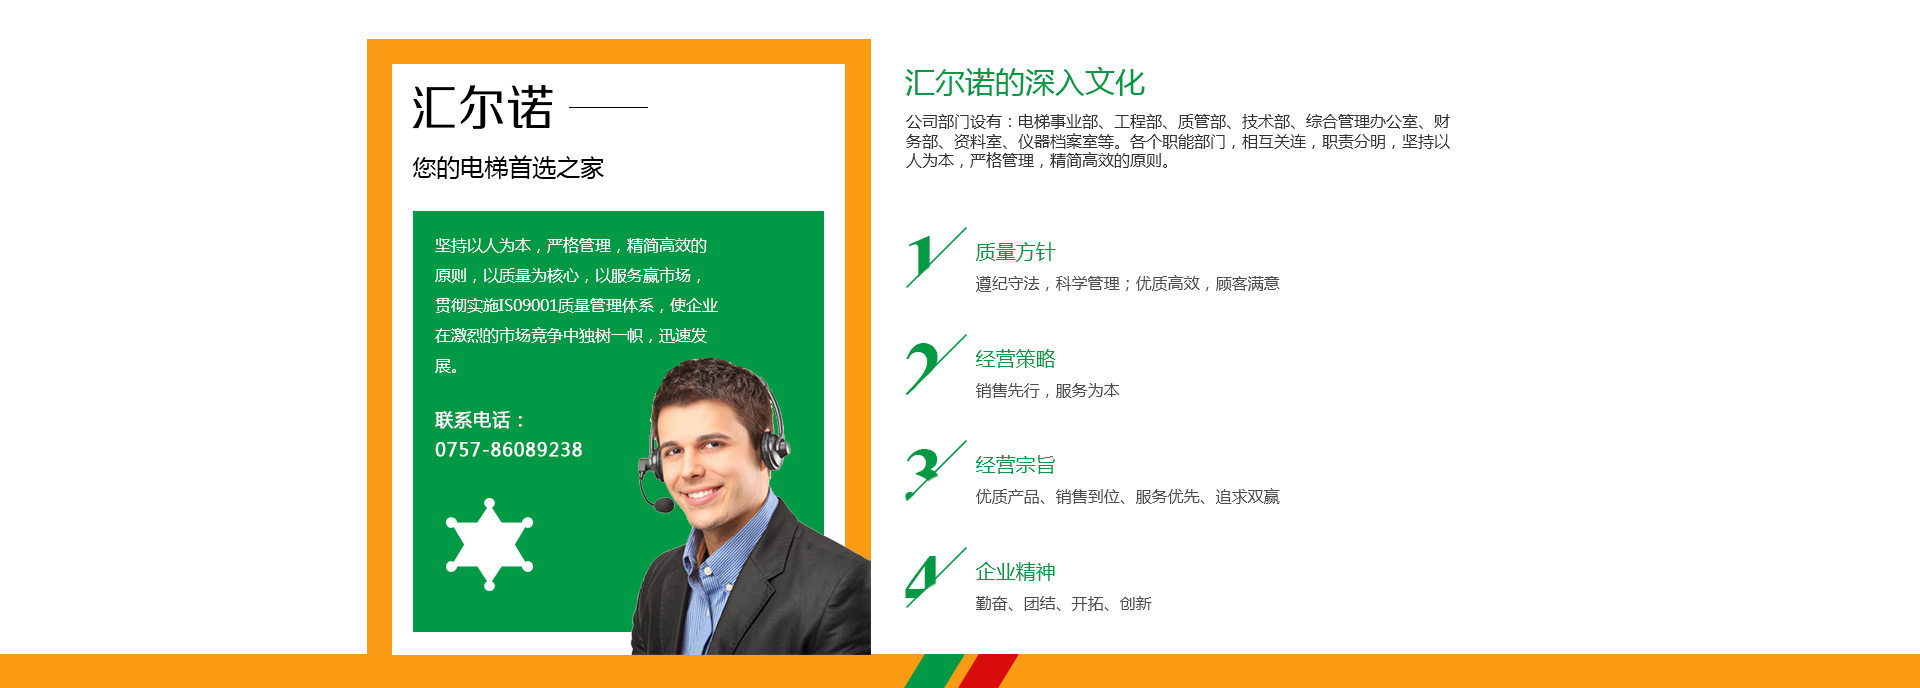 雷竞技app下载官方版iso_21.jpg